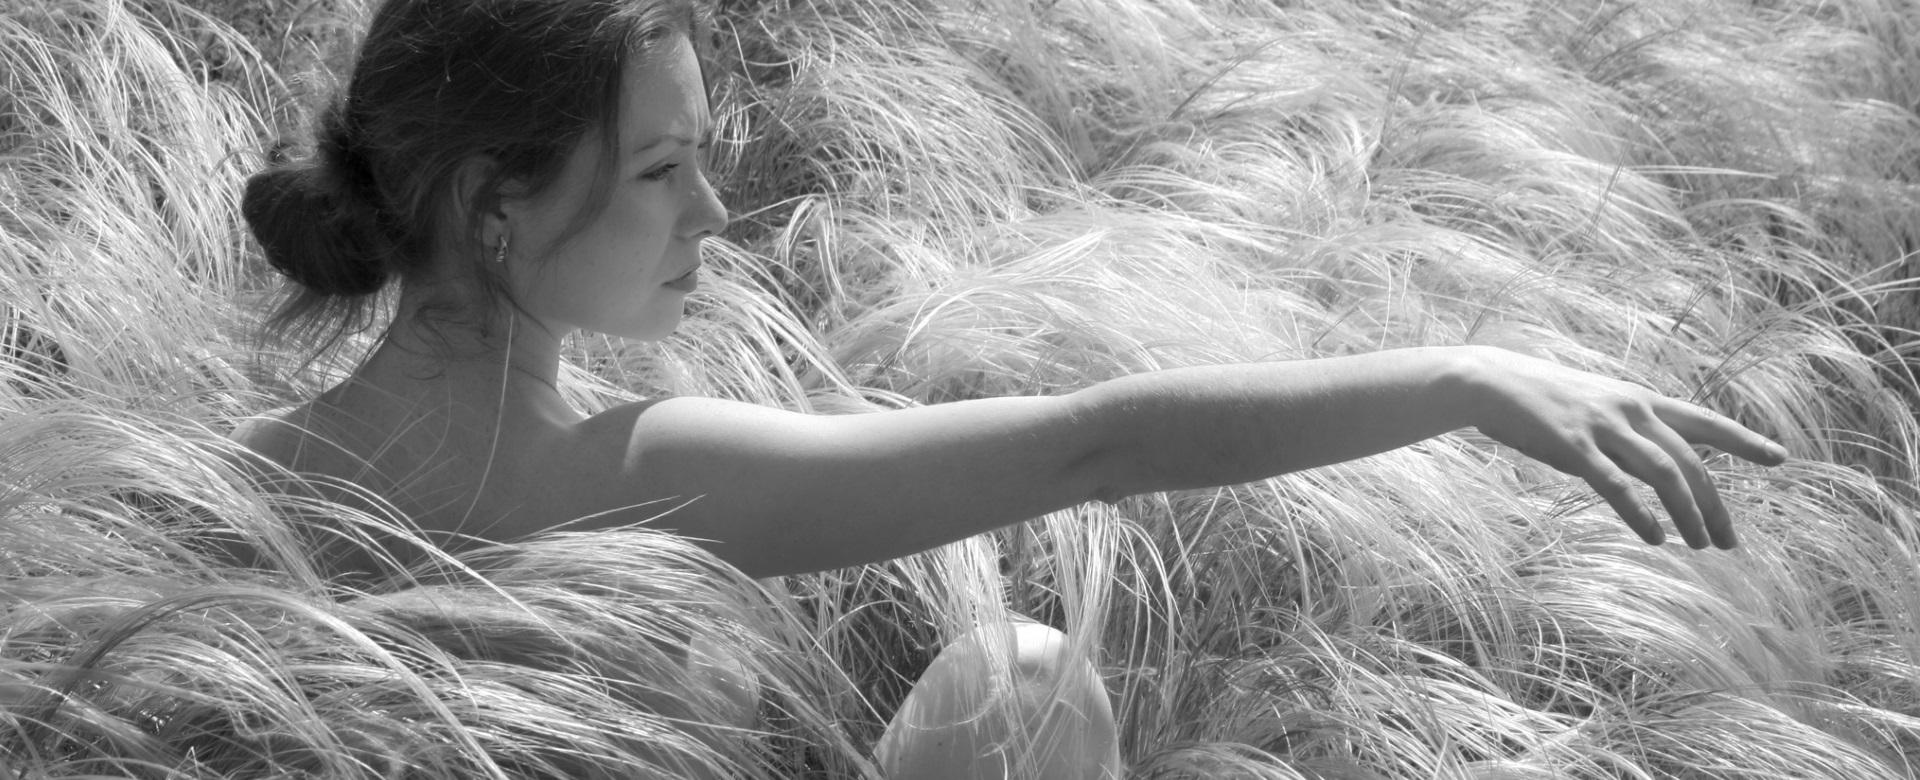 Фотовыставка Михаила Квасова «Девичьи пейзажи»